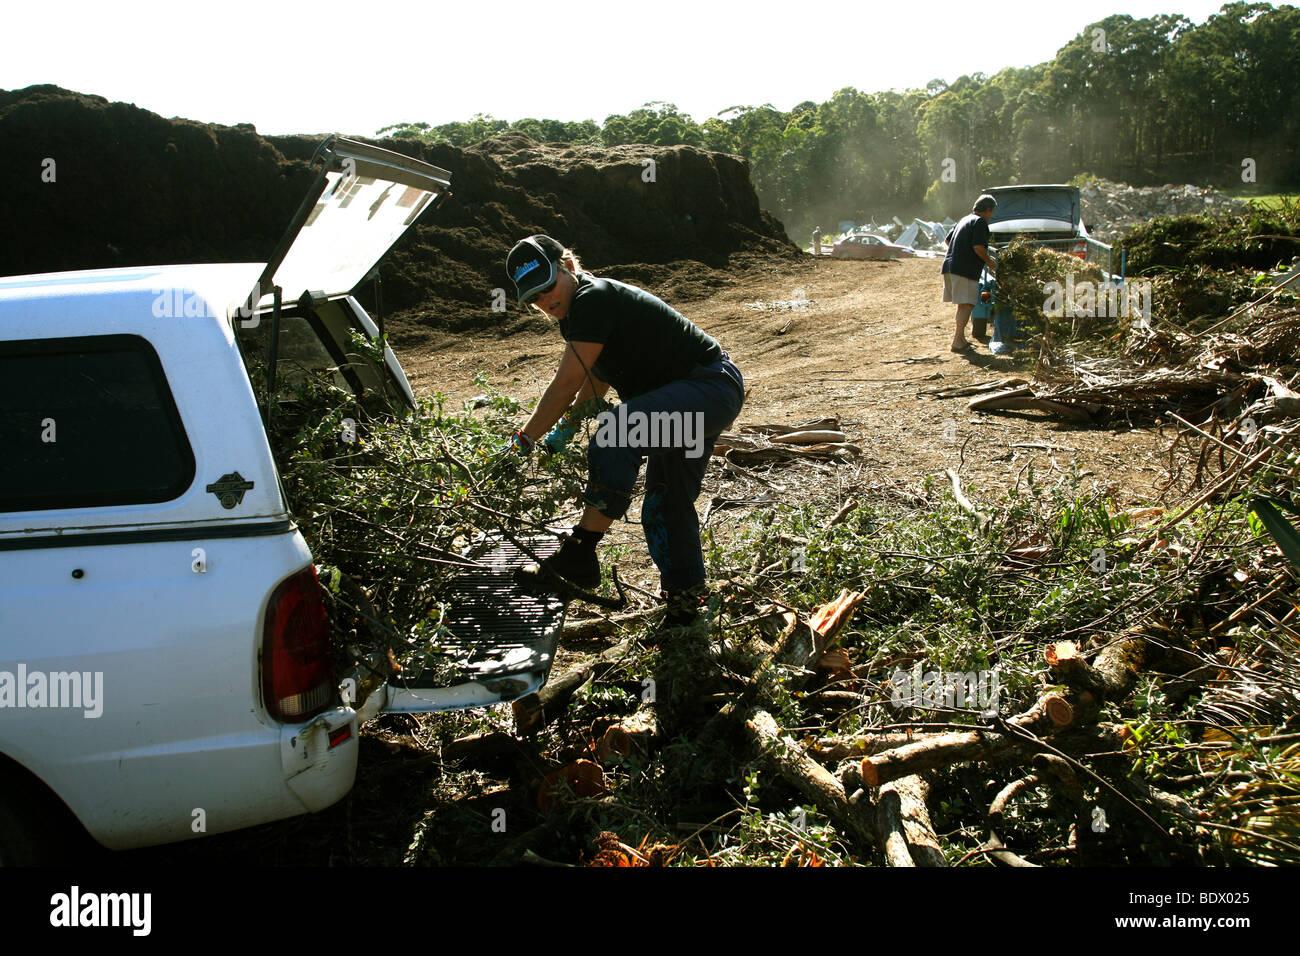 Eine Frau recycelt Grünabfälle aus dem Garten auf einer Müllkippe, wo sie in Mulch umgewandelt wird. Stockbild